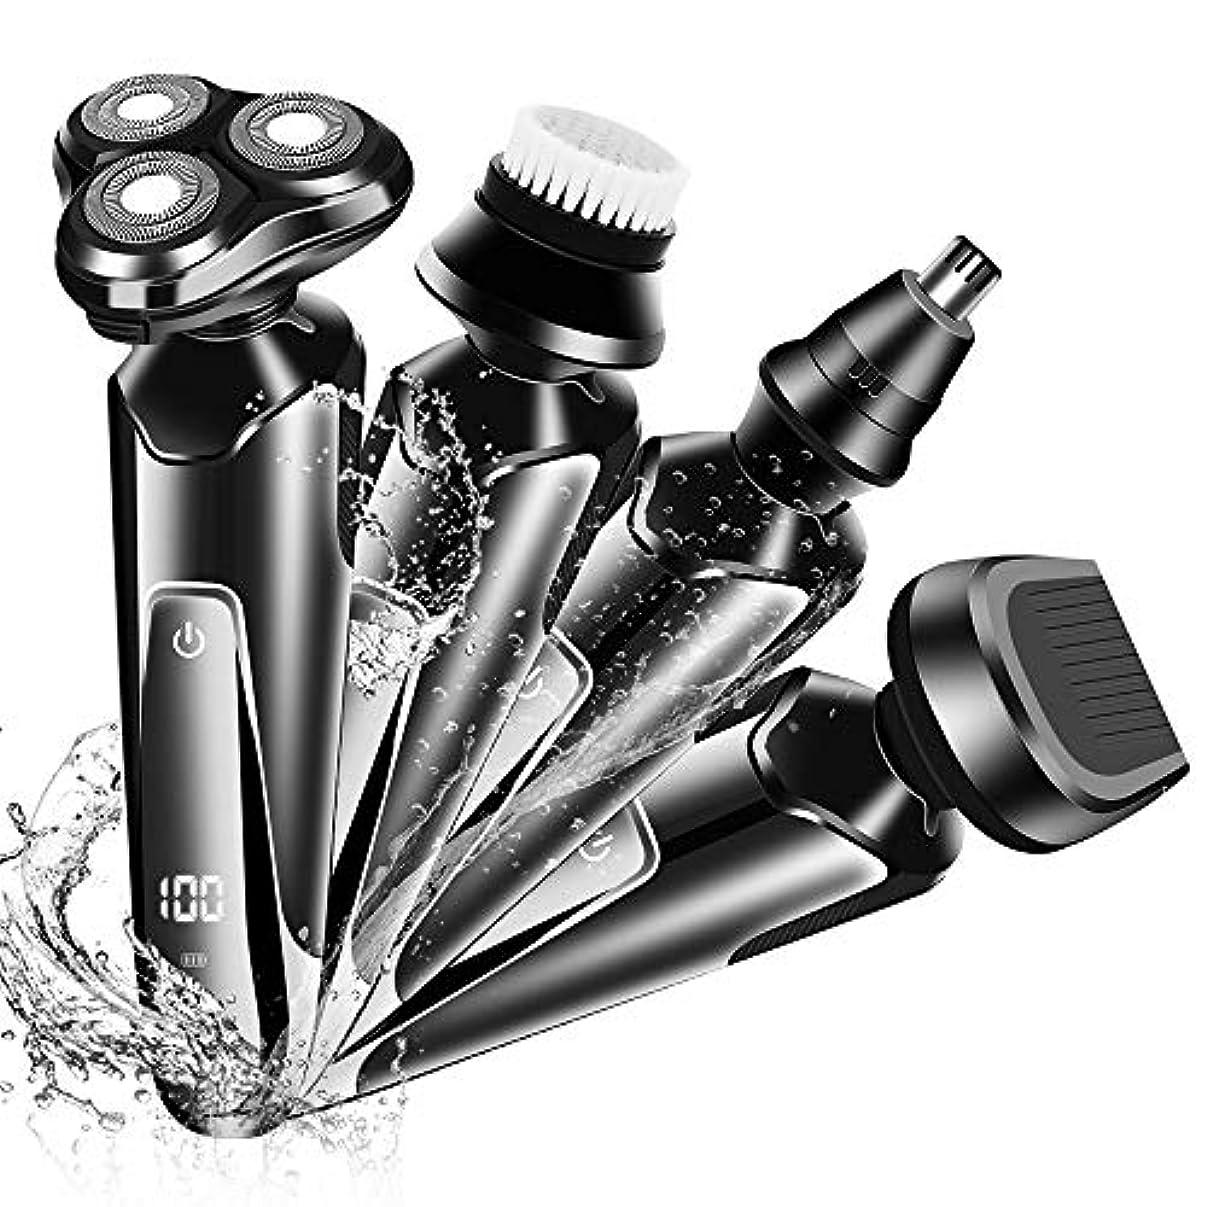 車両医薬小包A-tion メンズシェーバー 多機能 シェーバー 電気シェーバー 電動ひげそり 電気カミソリ 3枚刃回転式 水洗い可 USB充電 4in1 髭剃り、鼻毛カッター、トリマー、洗顔ブラシ付き